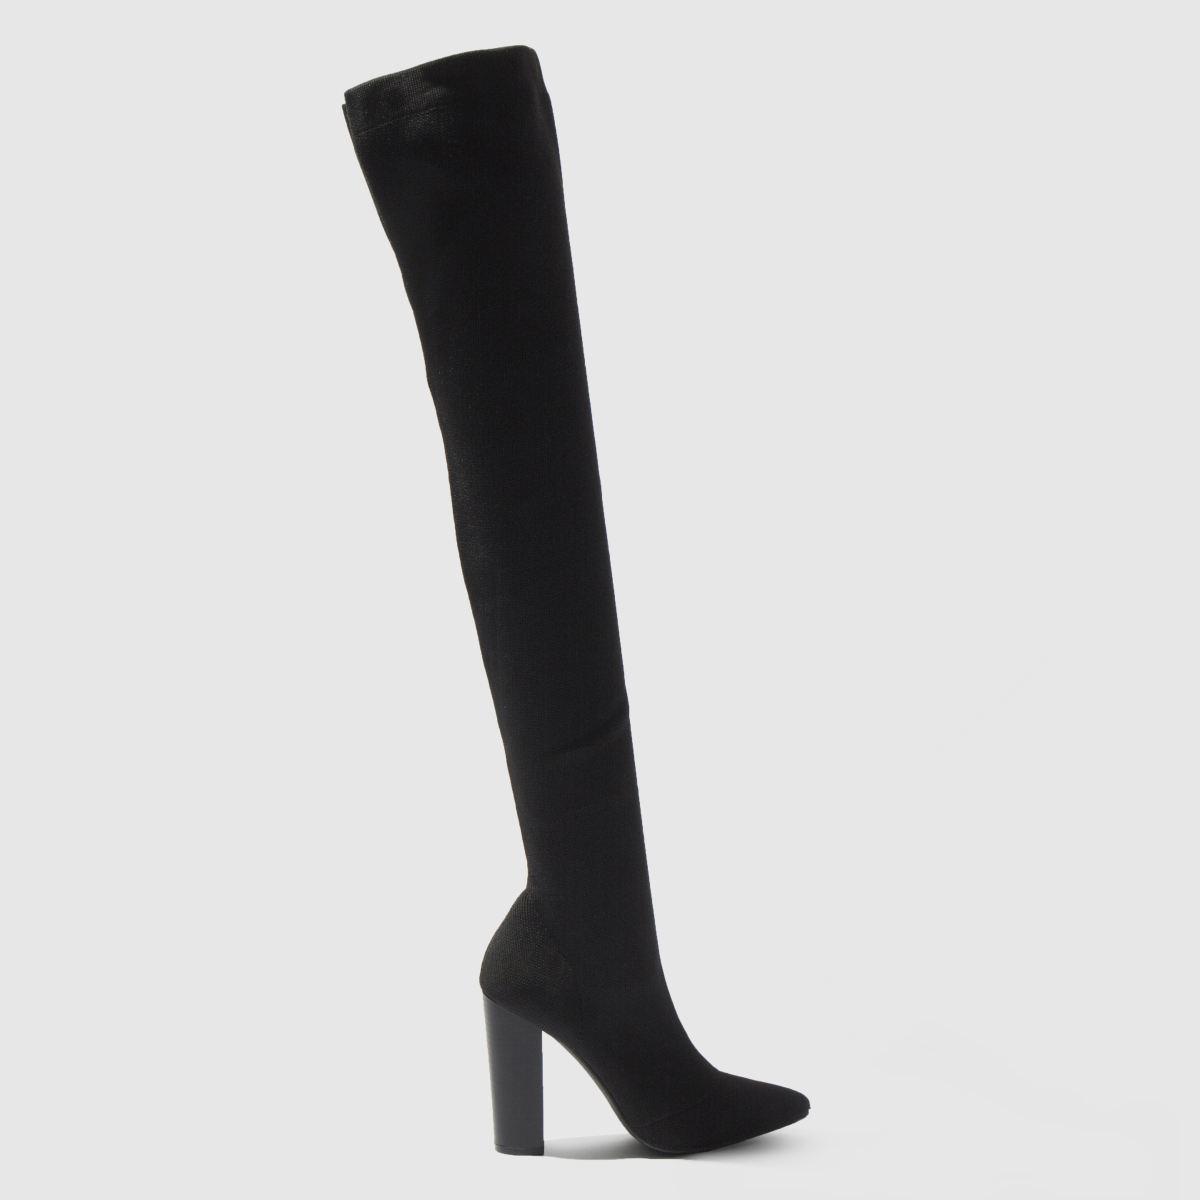 Schuh Black Flex Boots